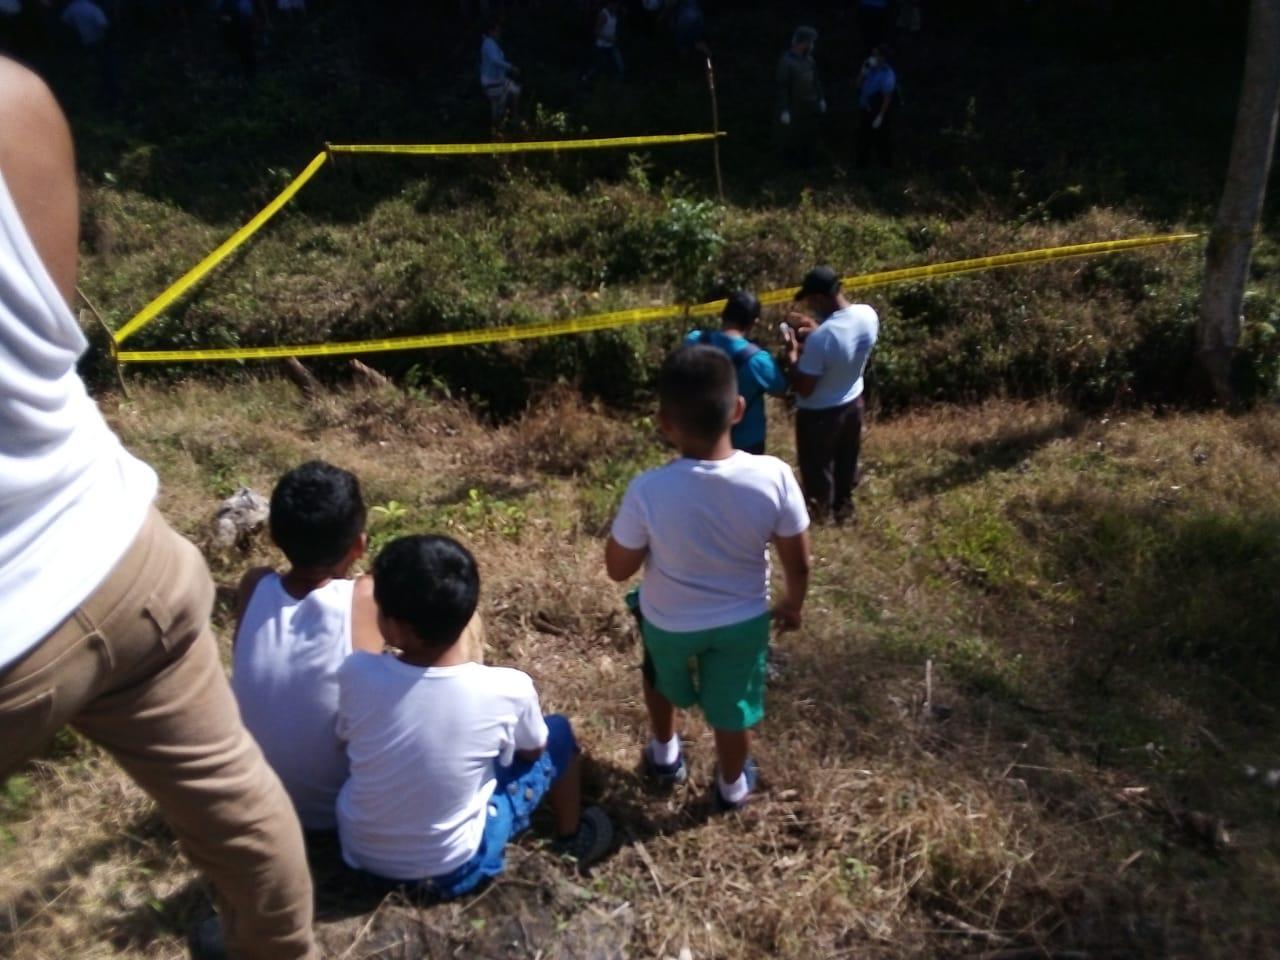 Asesino de adolescente de Río Blanco se declara culpable Managua. Jerson Dumas/ La Primerísima